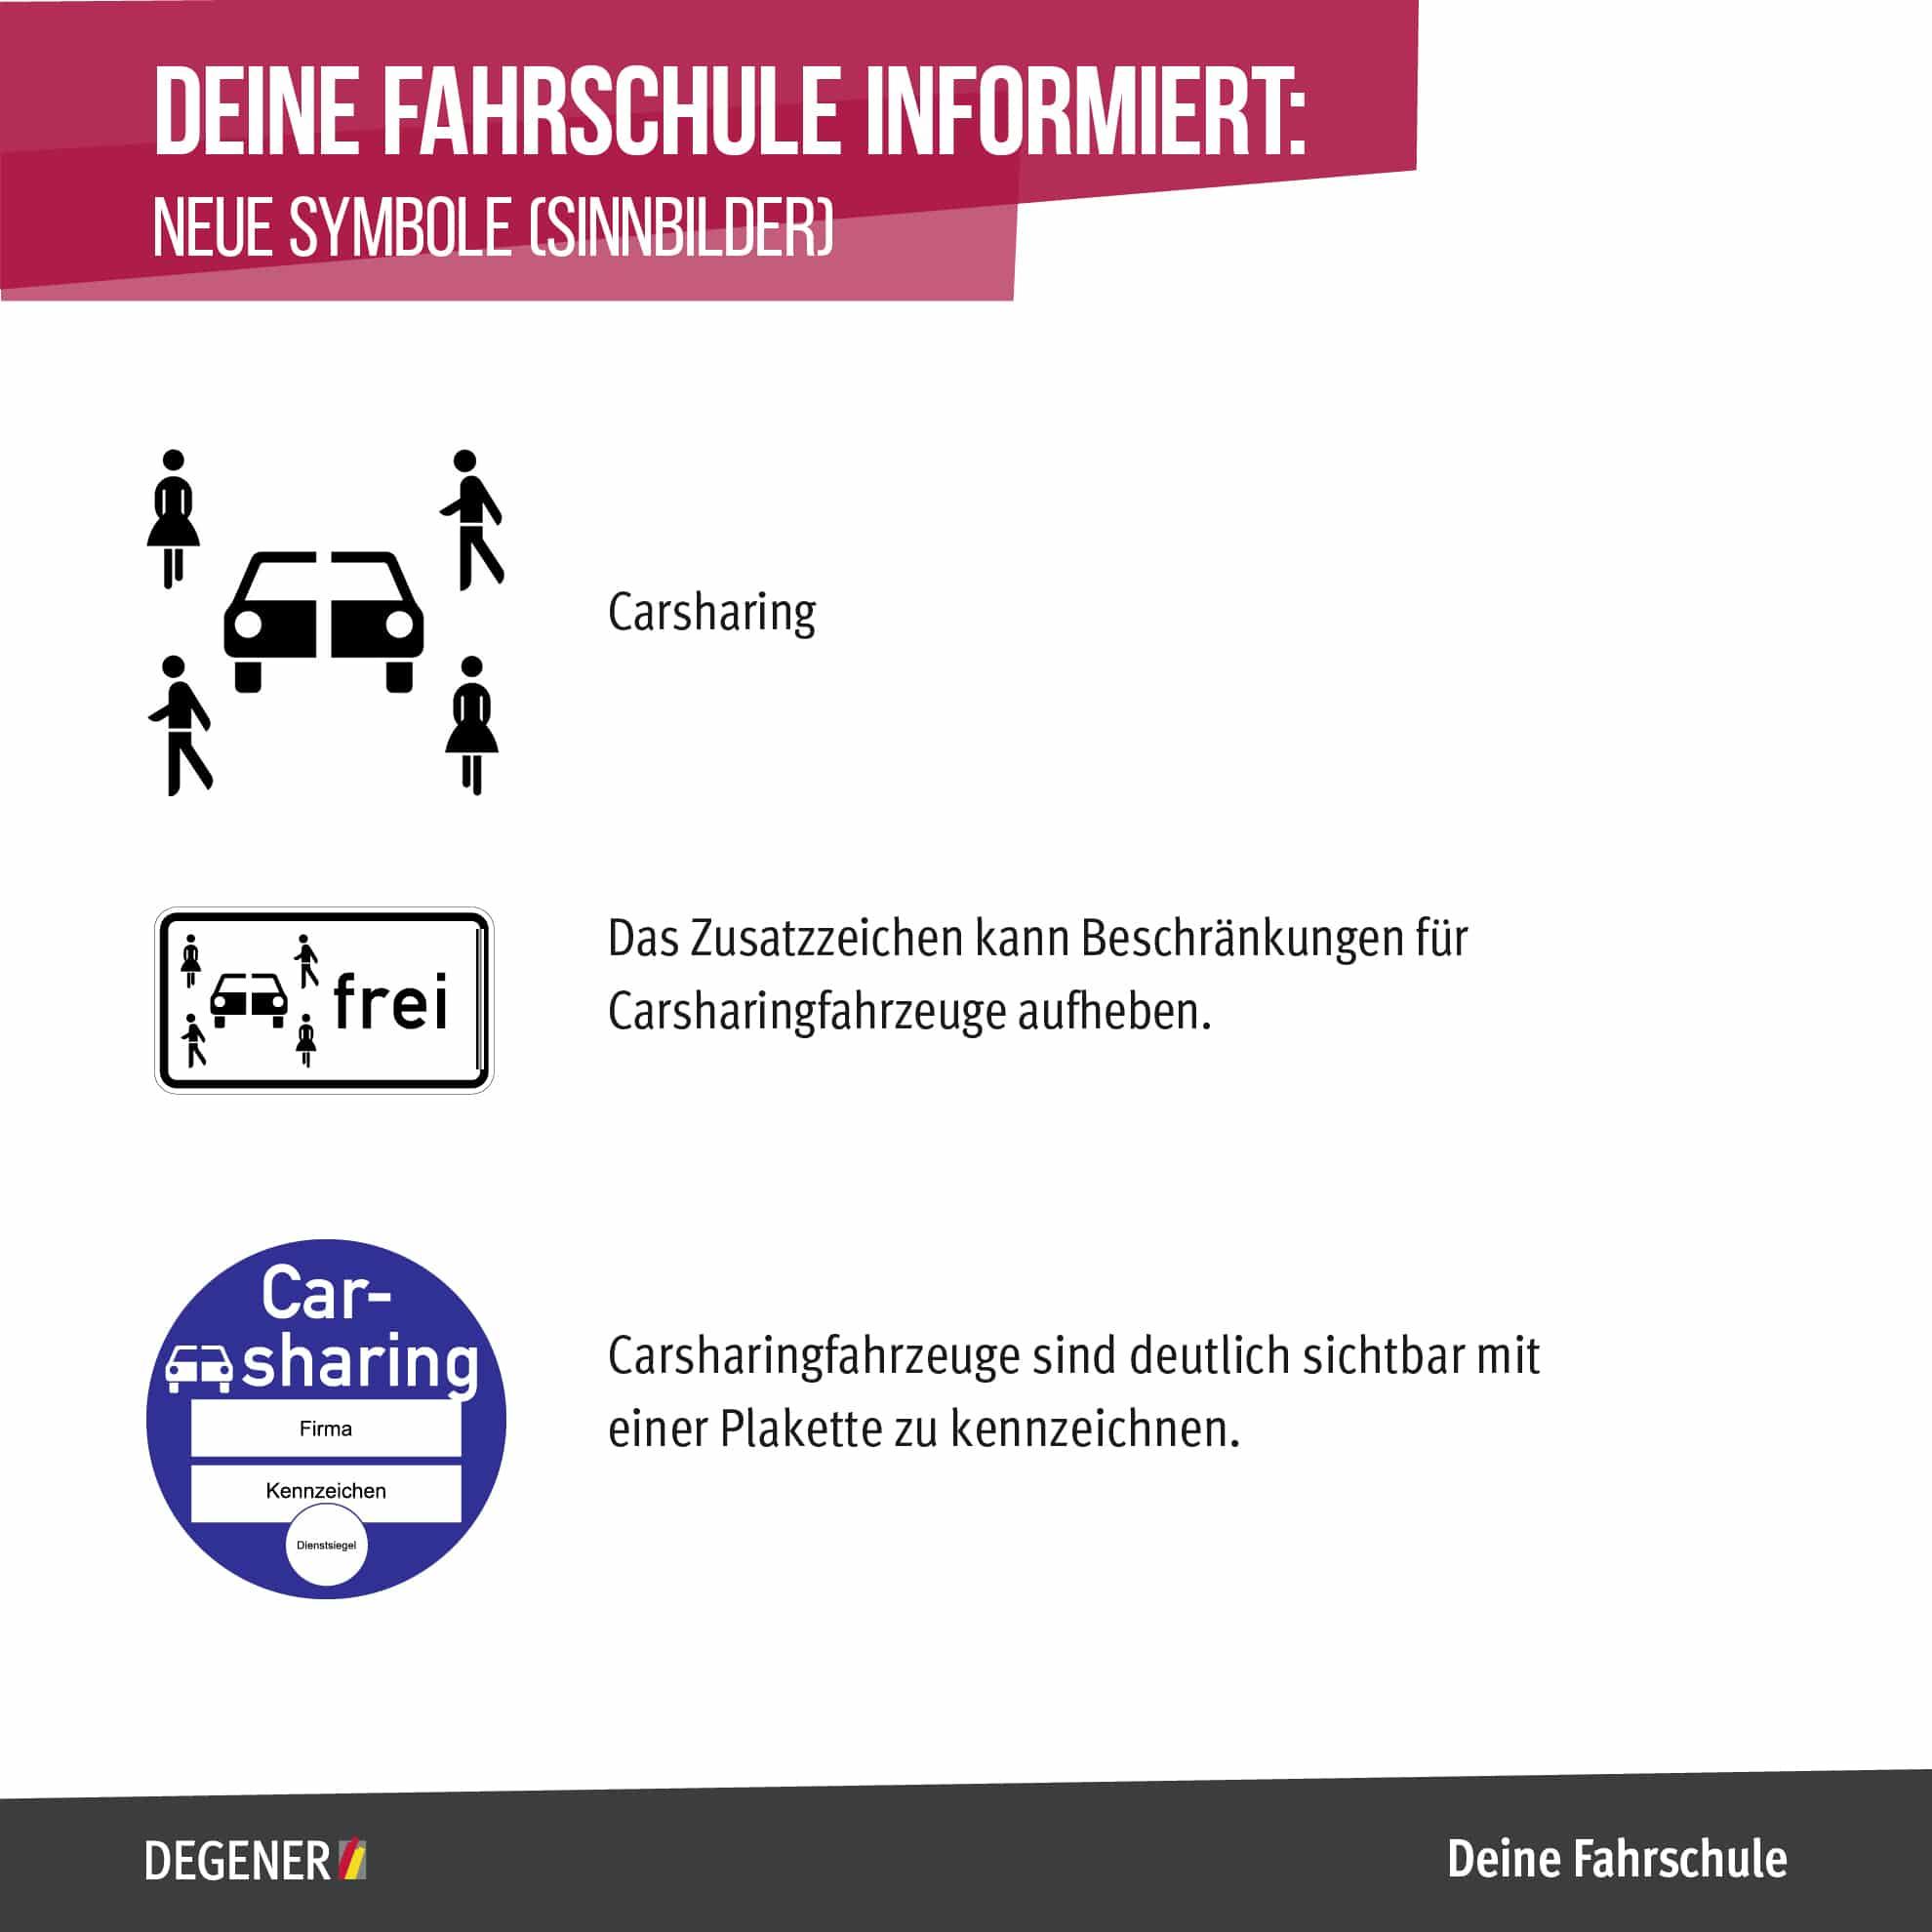 07_Deine-FS-informiert-neue-Verkehrszeichen